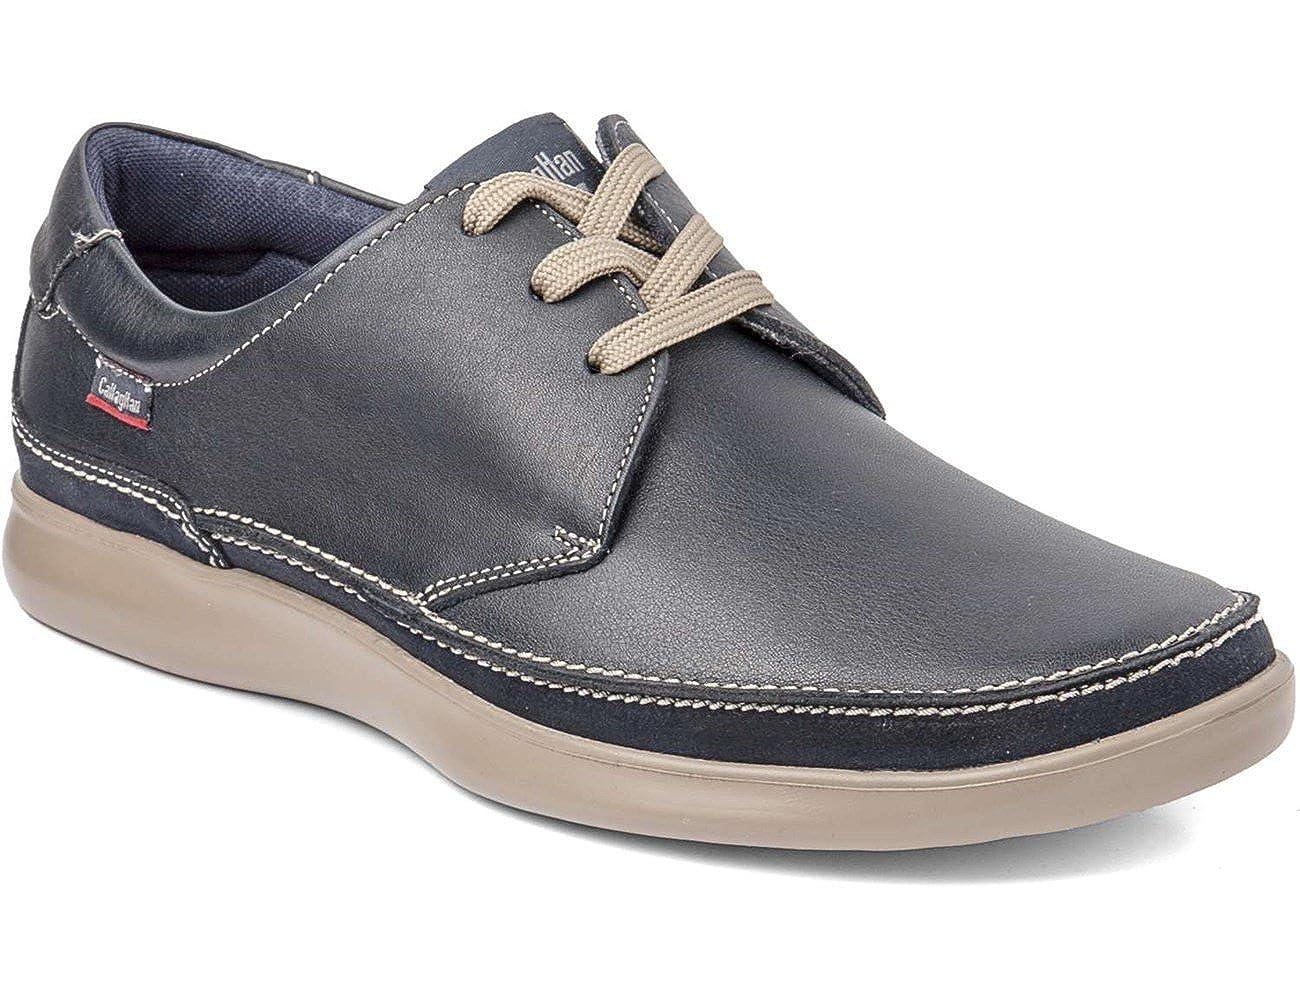 TALLA 40 EU. Callaghan Starman, Zapatos de Cordones Derby para Hombre